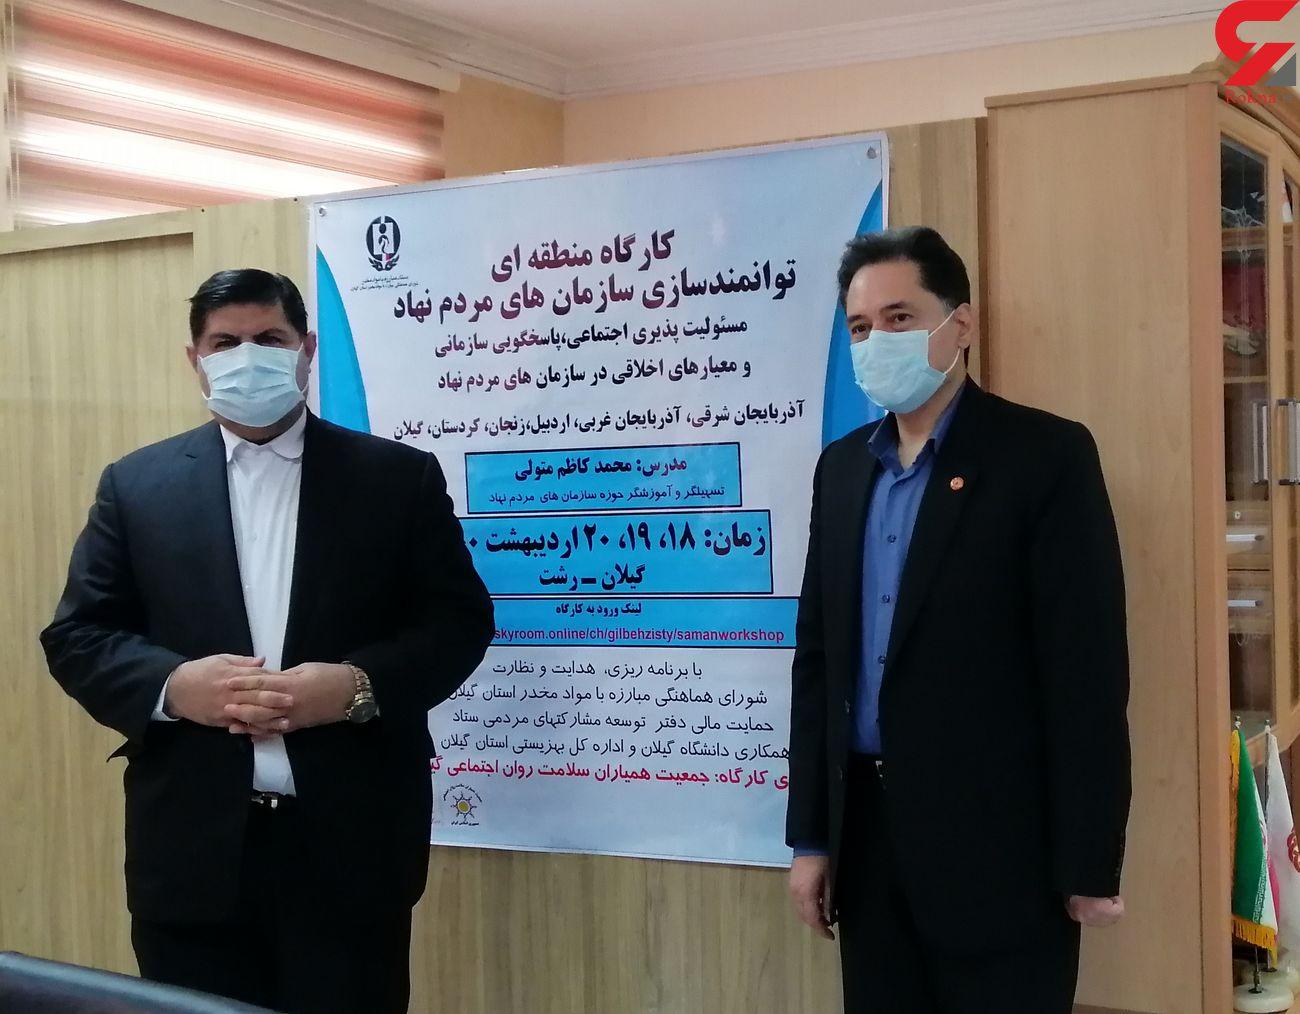 کارگاه سه روزه منطقه ای توانمندسازی سازمان های مردم نهاد برگزار شد